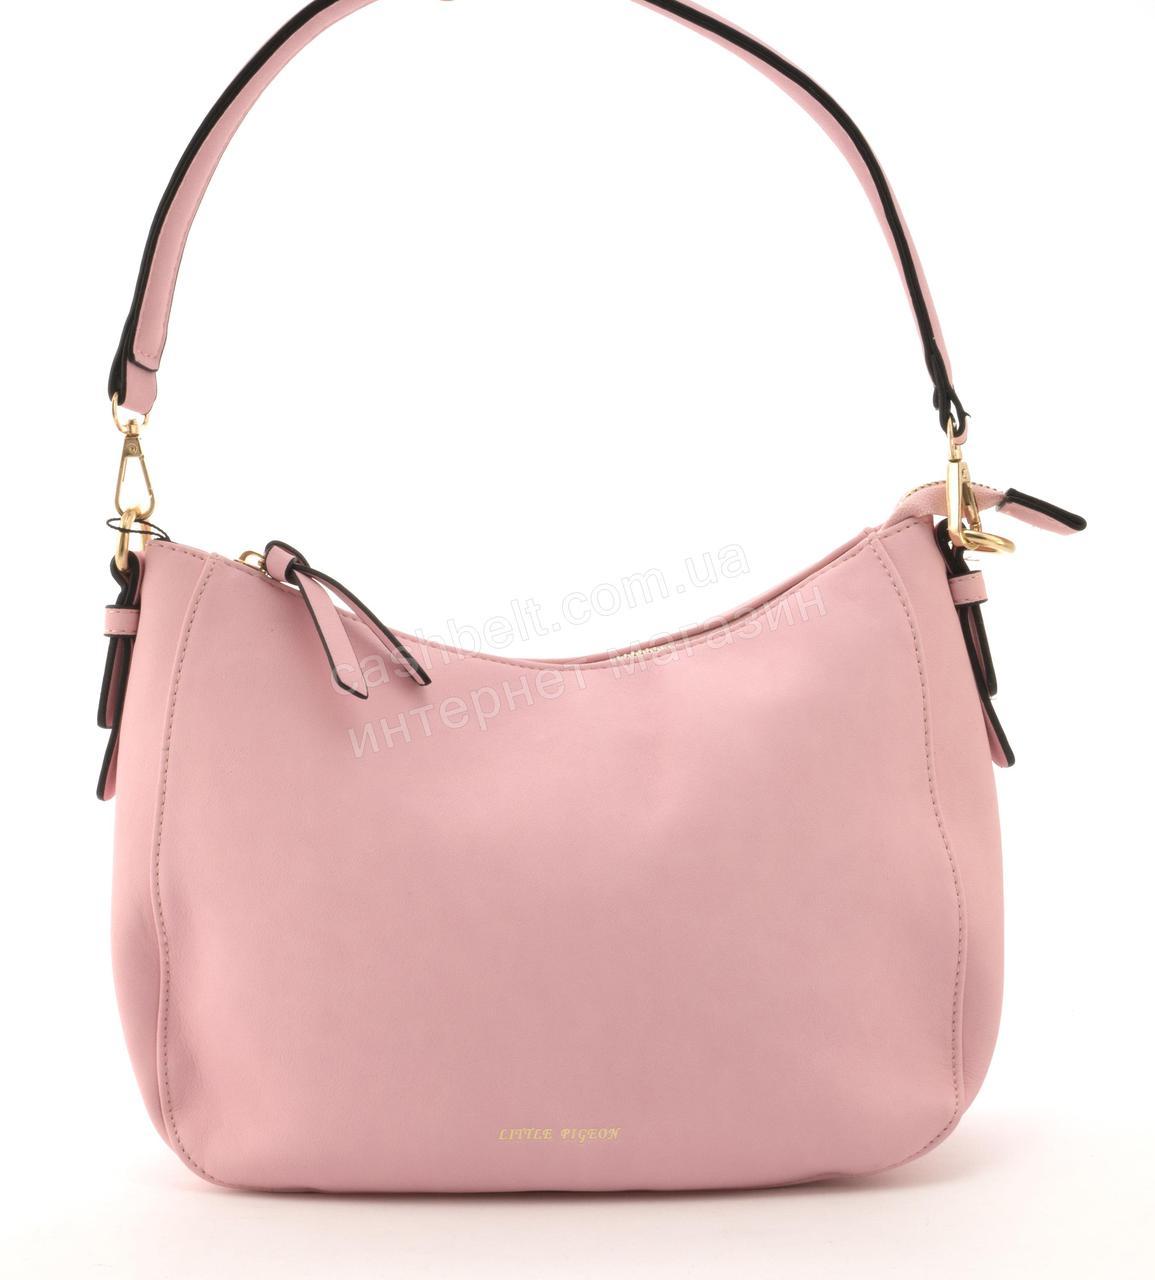 Качественная стильная сумка с эко кожи высокого качества Little Pigion art. T29 розовая